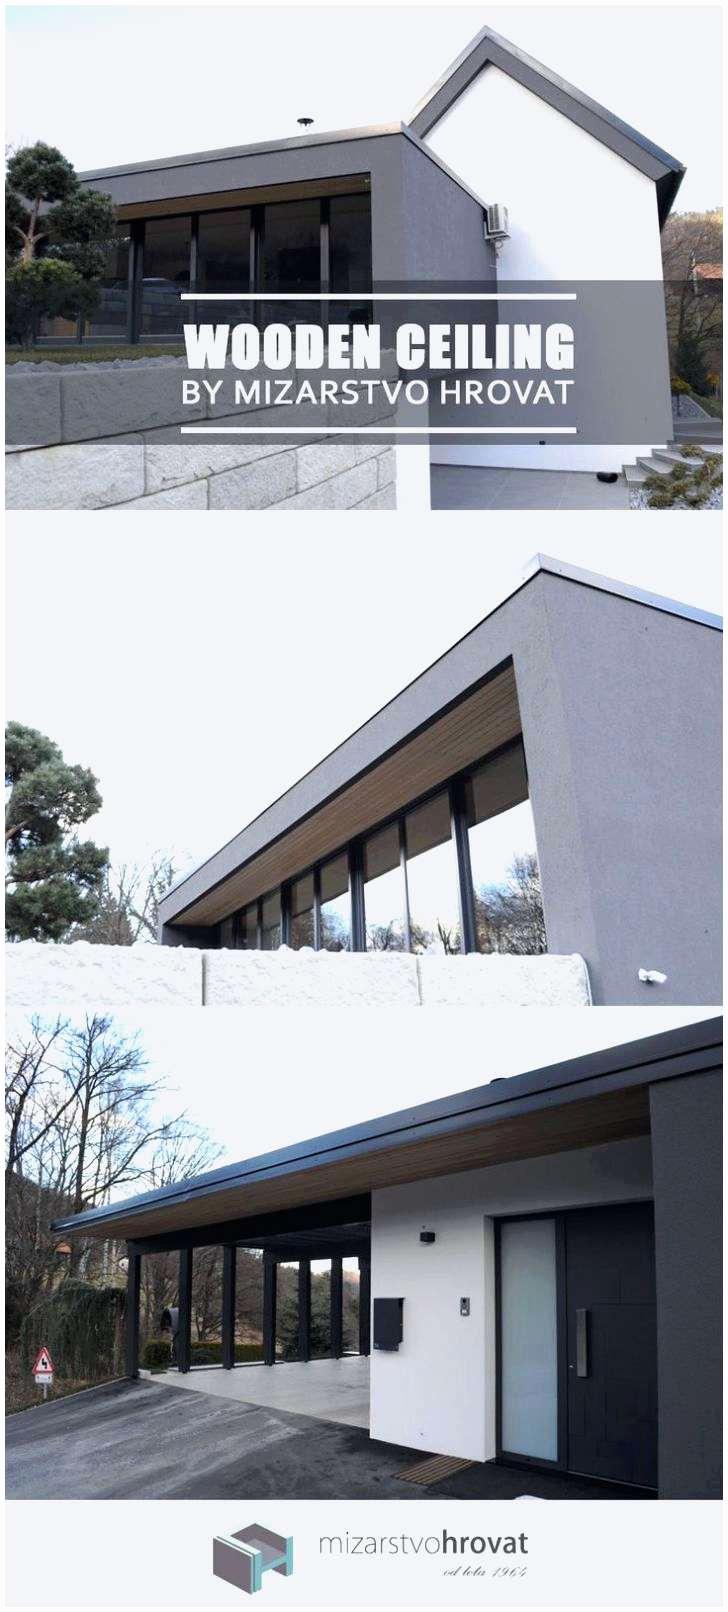 porte fenetre bois 1 vantail elegant nouveau grille de defense brico depot nouveau occultant fenetre avec of porte fenetre bois 1 vantail